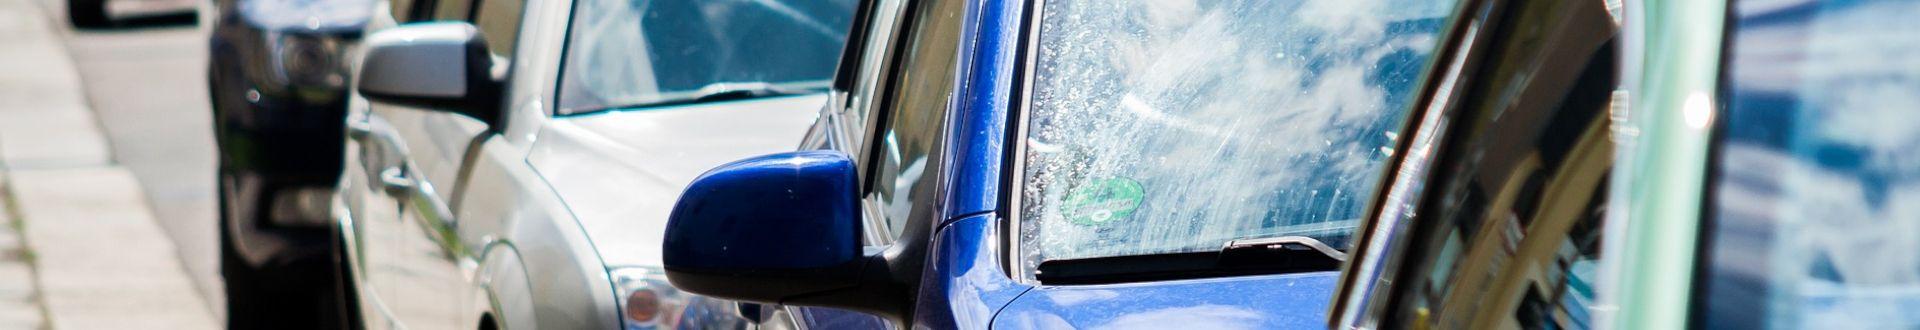 Hartz IV-Bezeihern ist es grundsätzlich erlaubt ein Auto zu Besitzen.